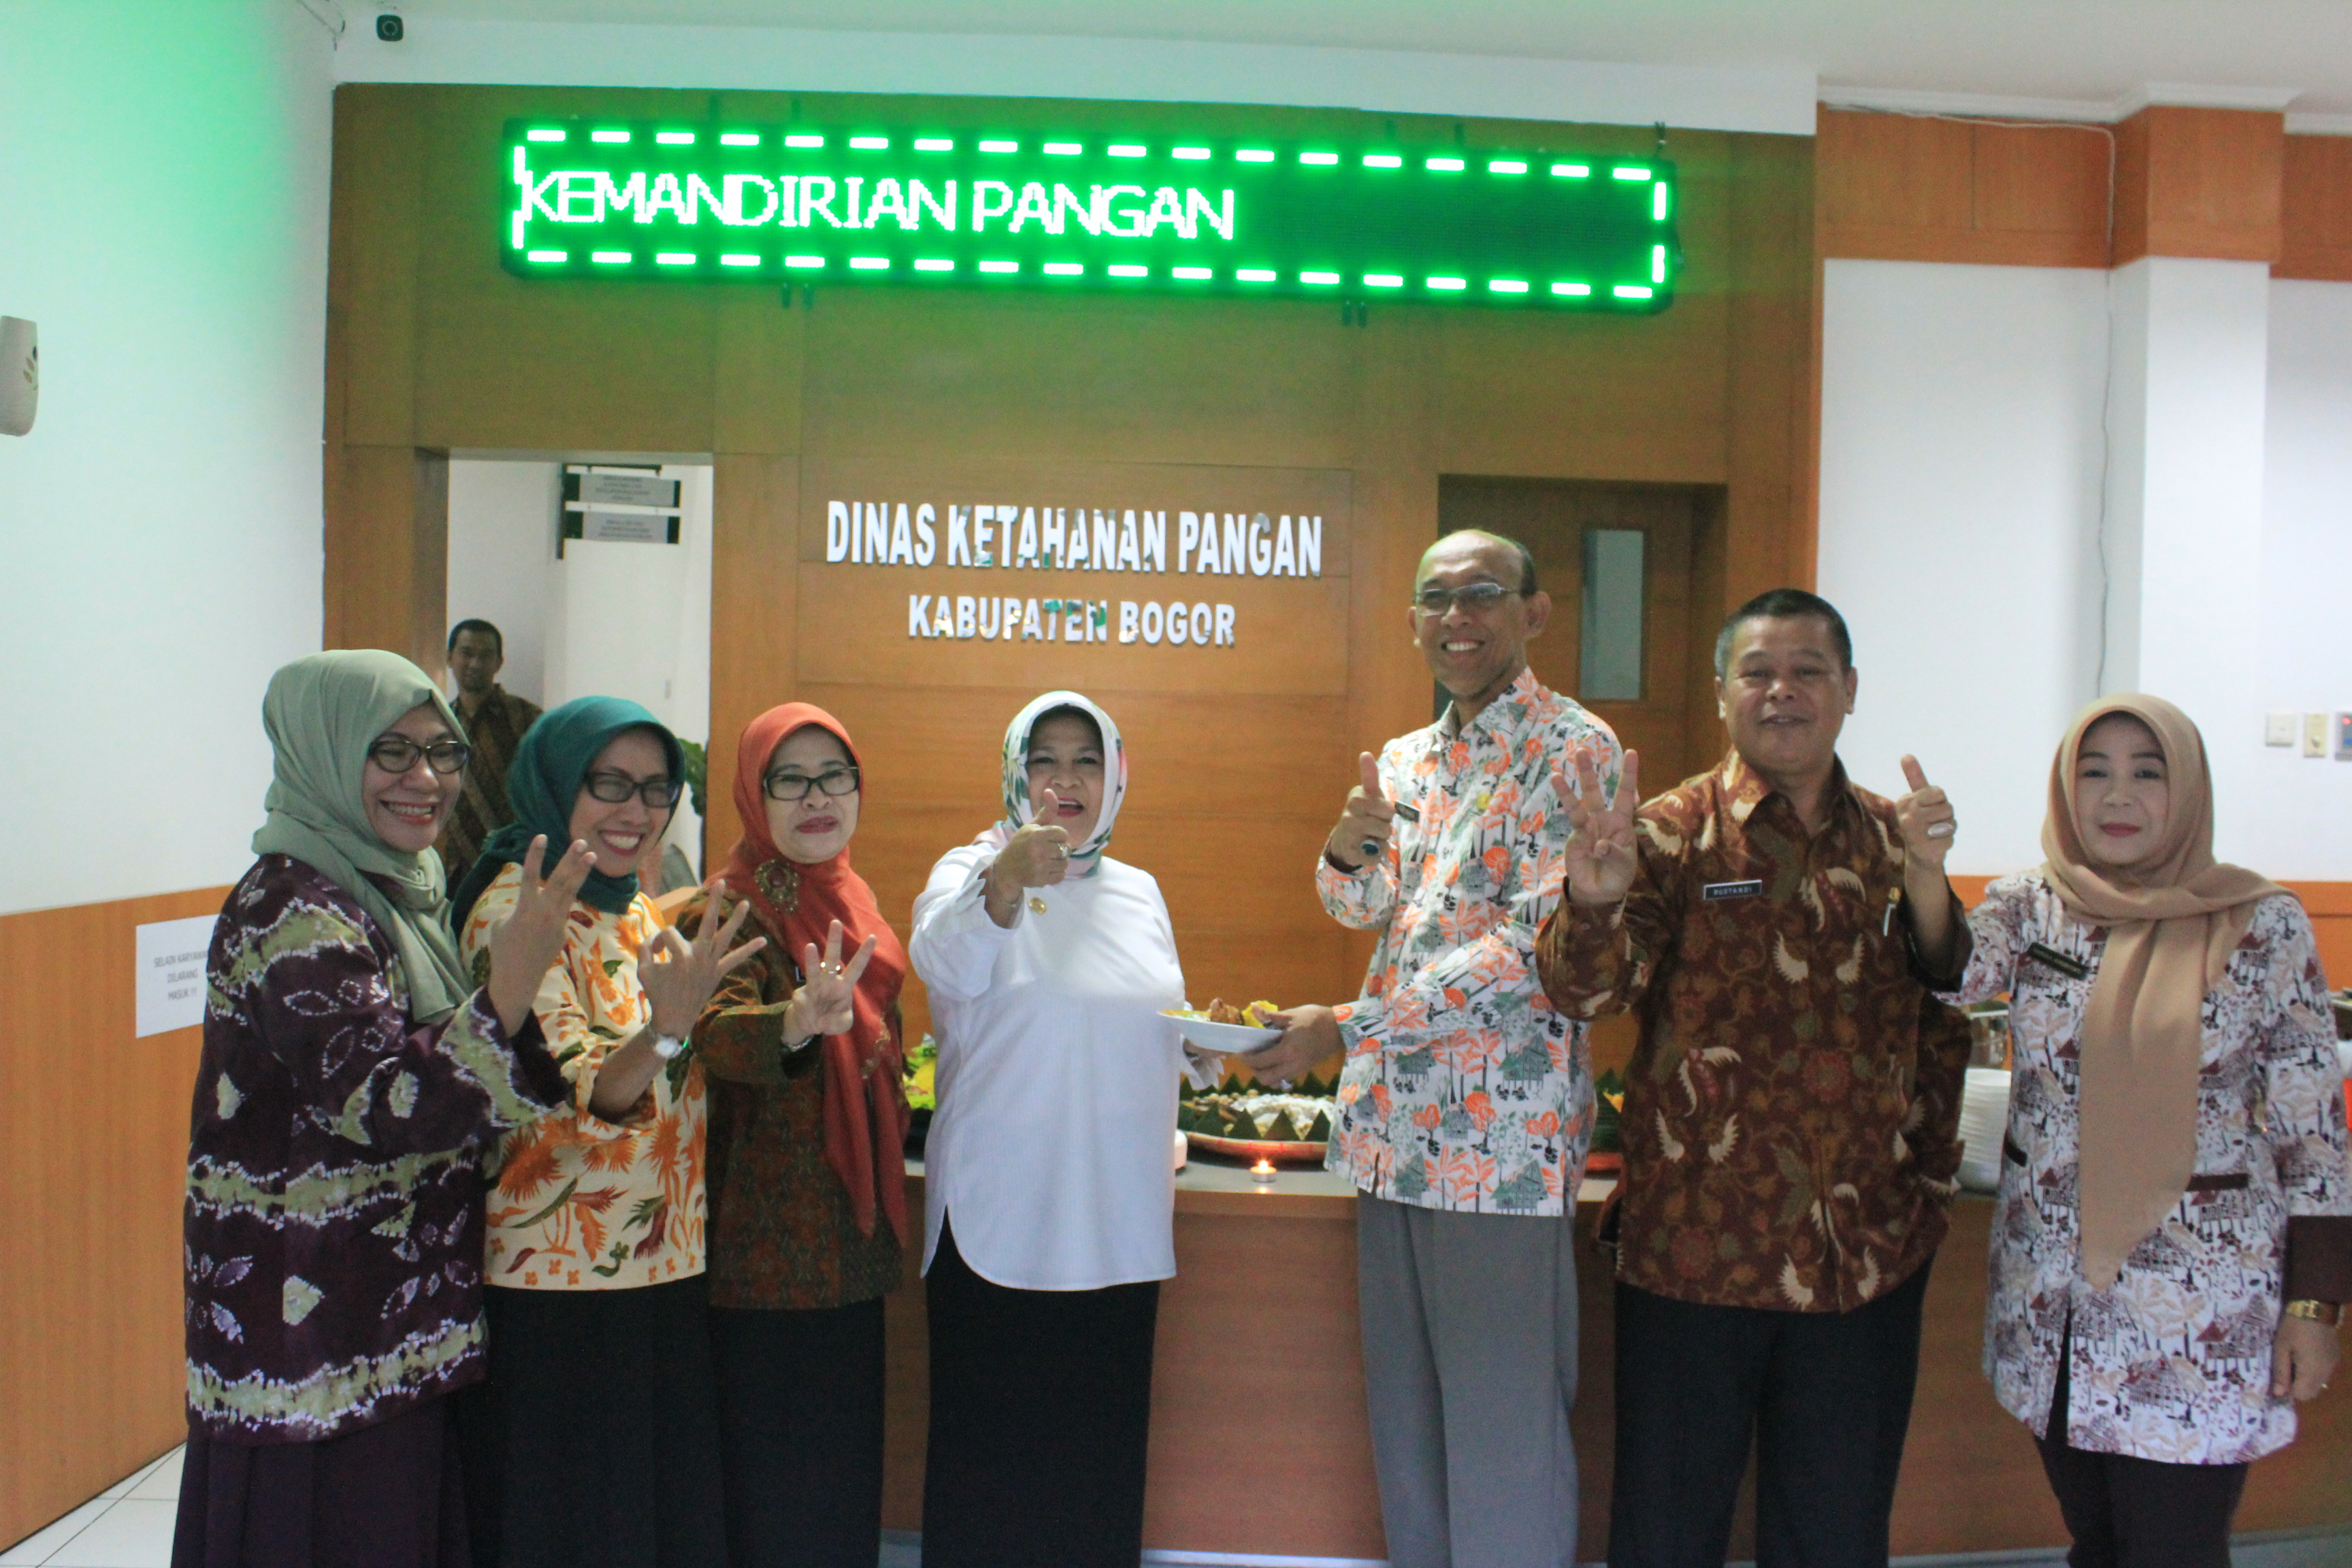 Bupati Bogor memberikan potongan tumpeng sebagai ucapan selamat atas peresmian Dinas Ketahanan Pangan Kabupaten Bogor